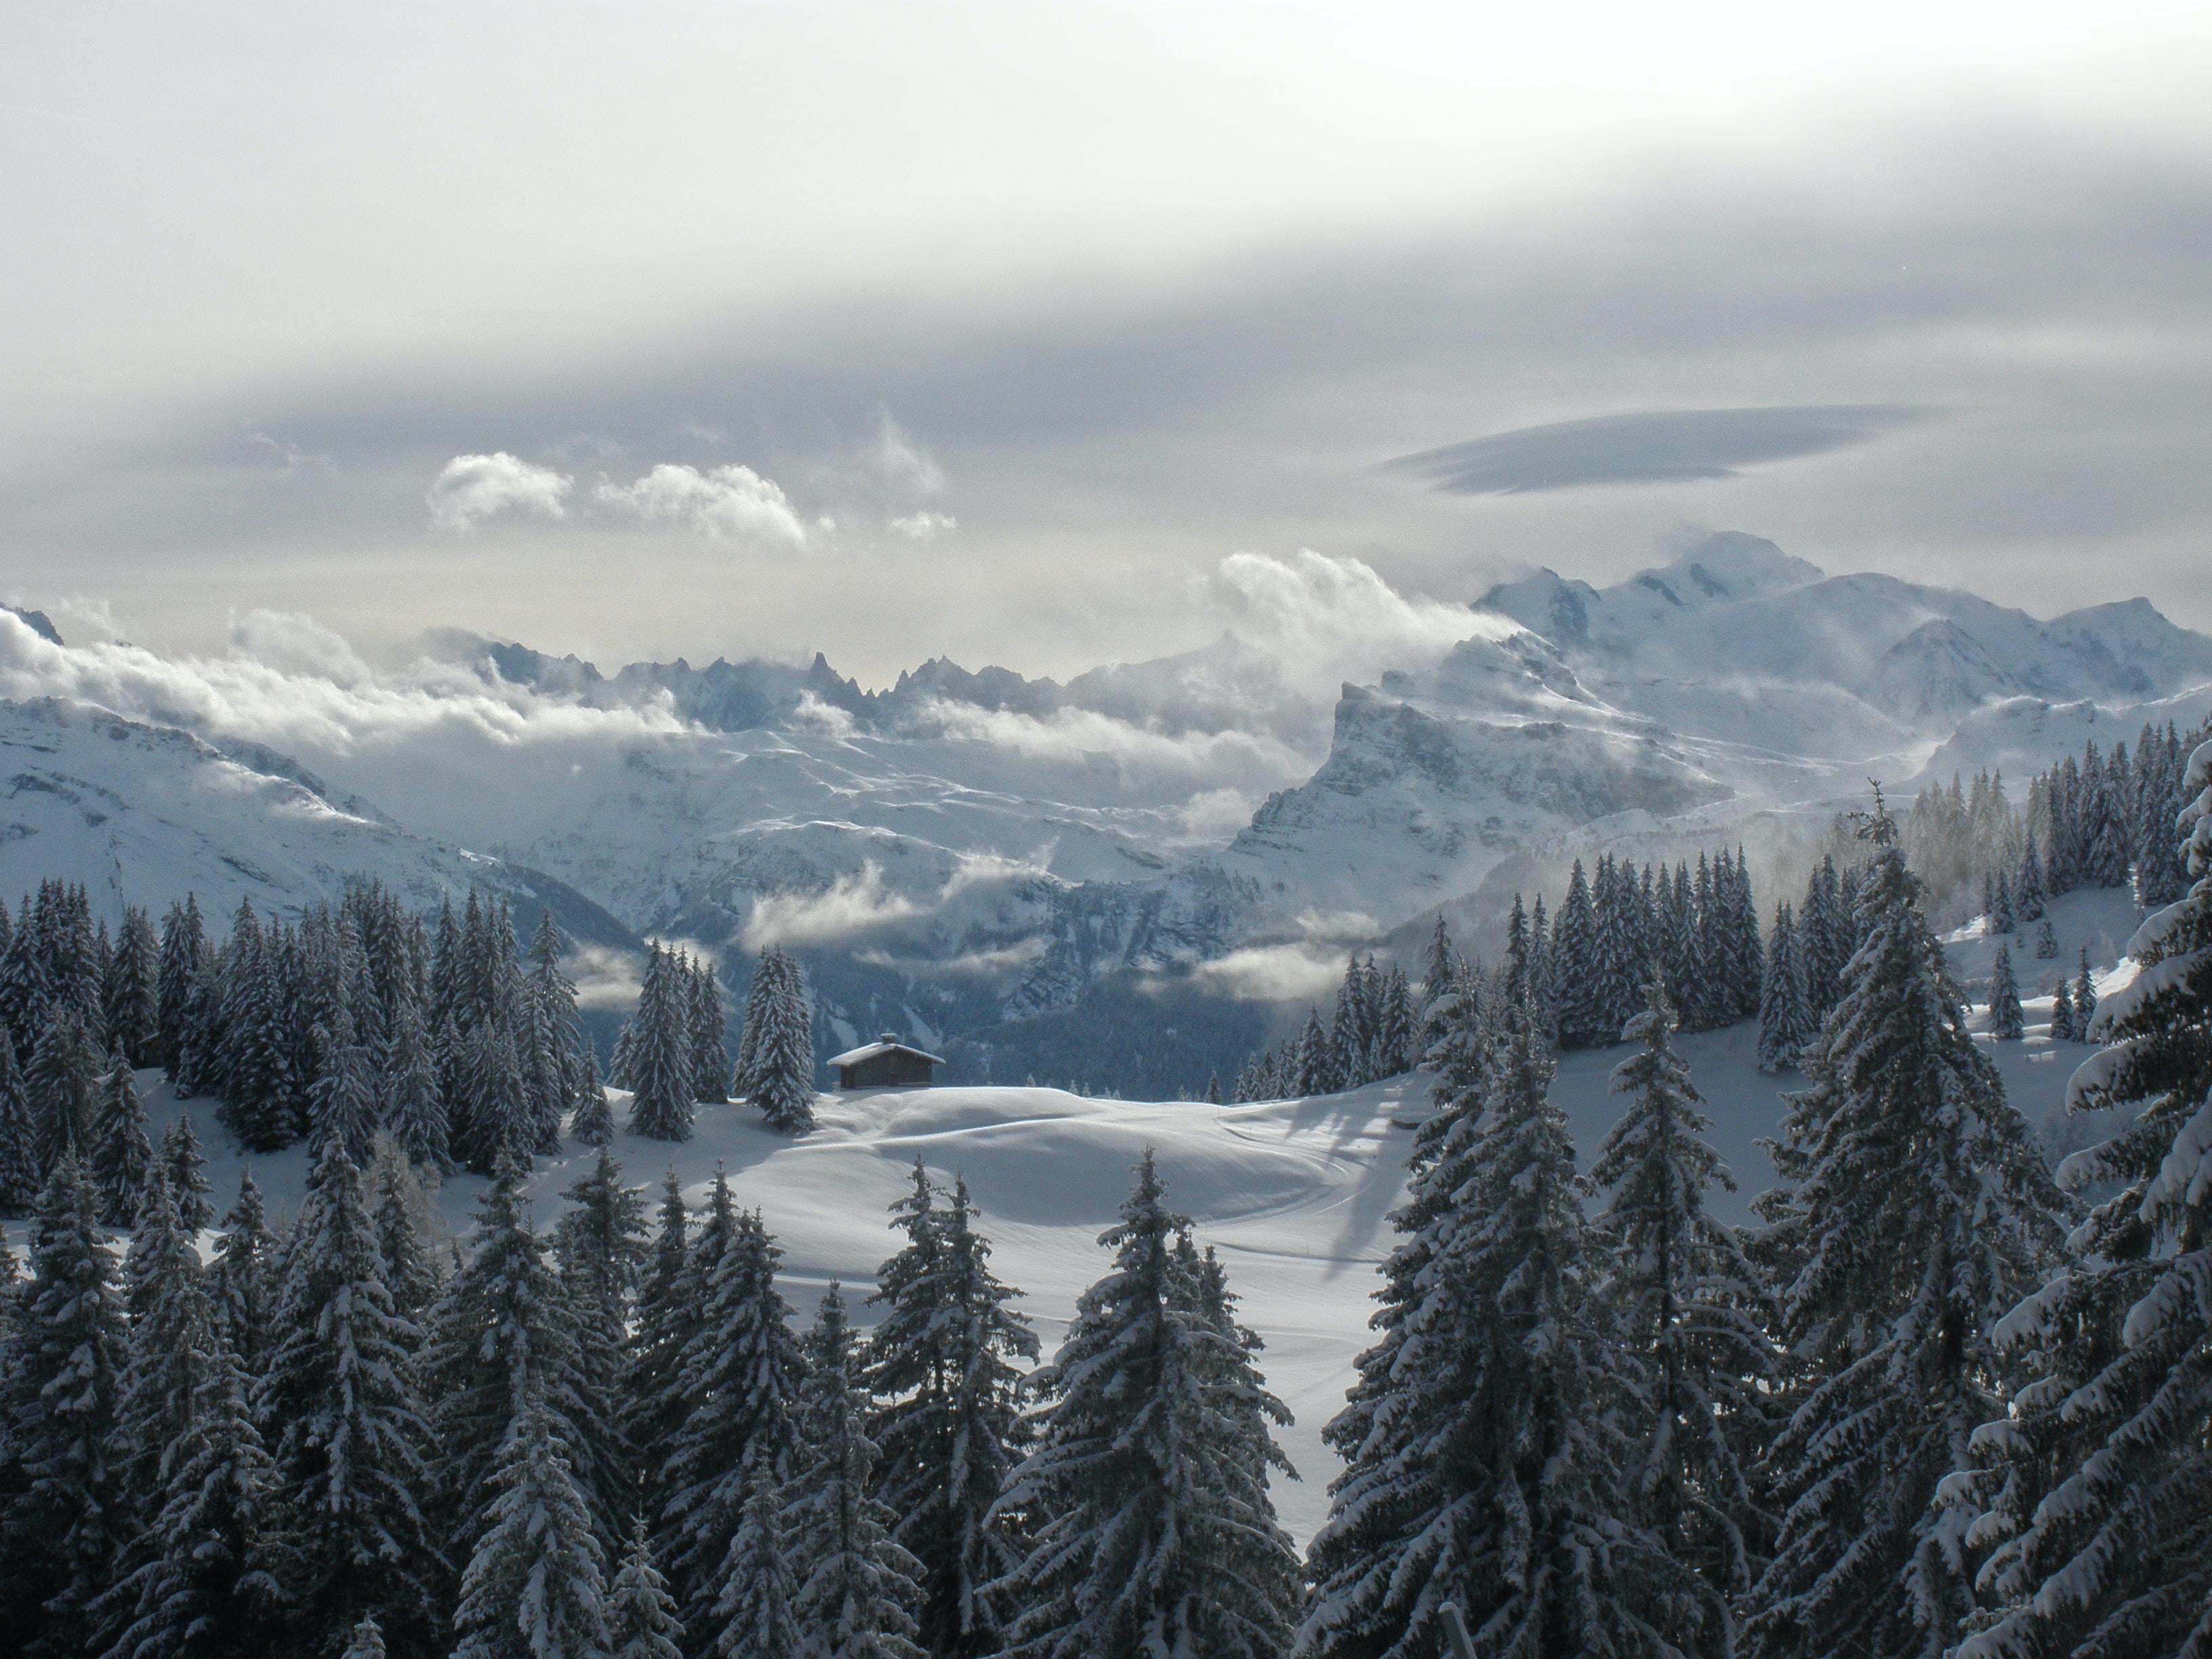 pine trees in winter season